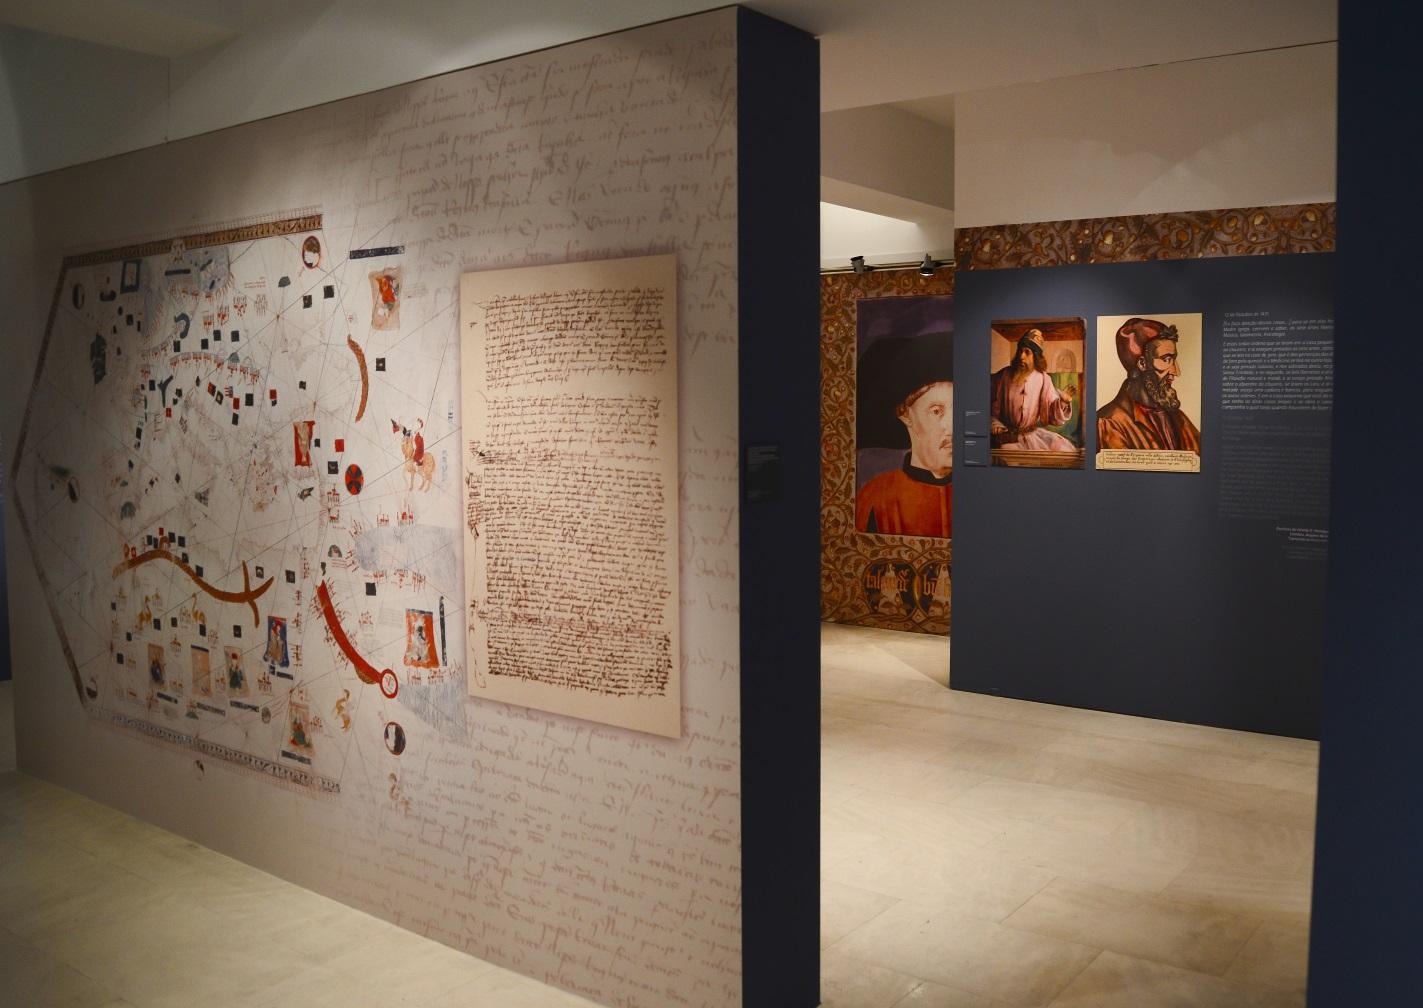 Foto de José Frade da exposição Infante D. Henrique